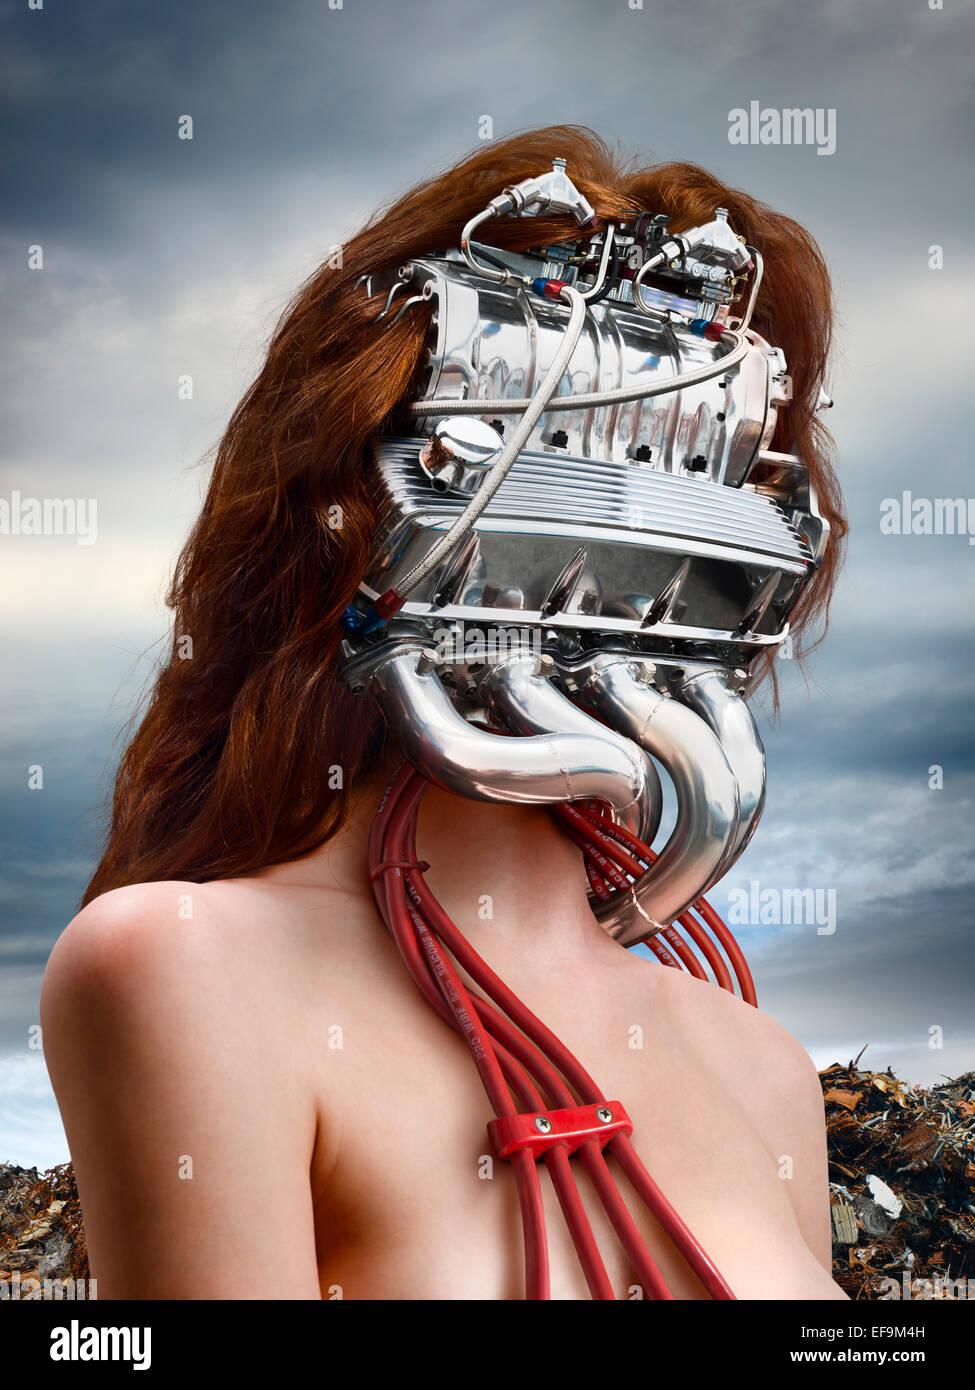 Imagen de mujer fantasía vertical con el motor de un coche para un cabezal con junkyard detrás de ella Imagen De Stock